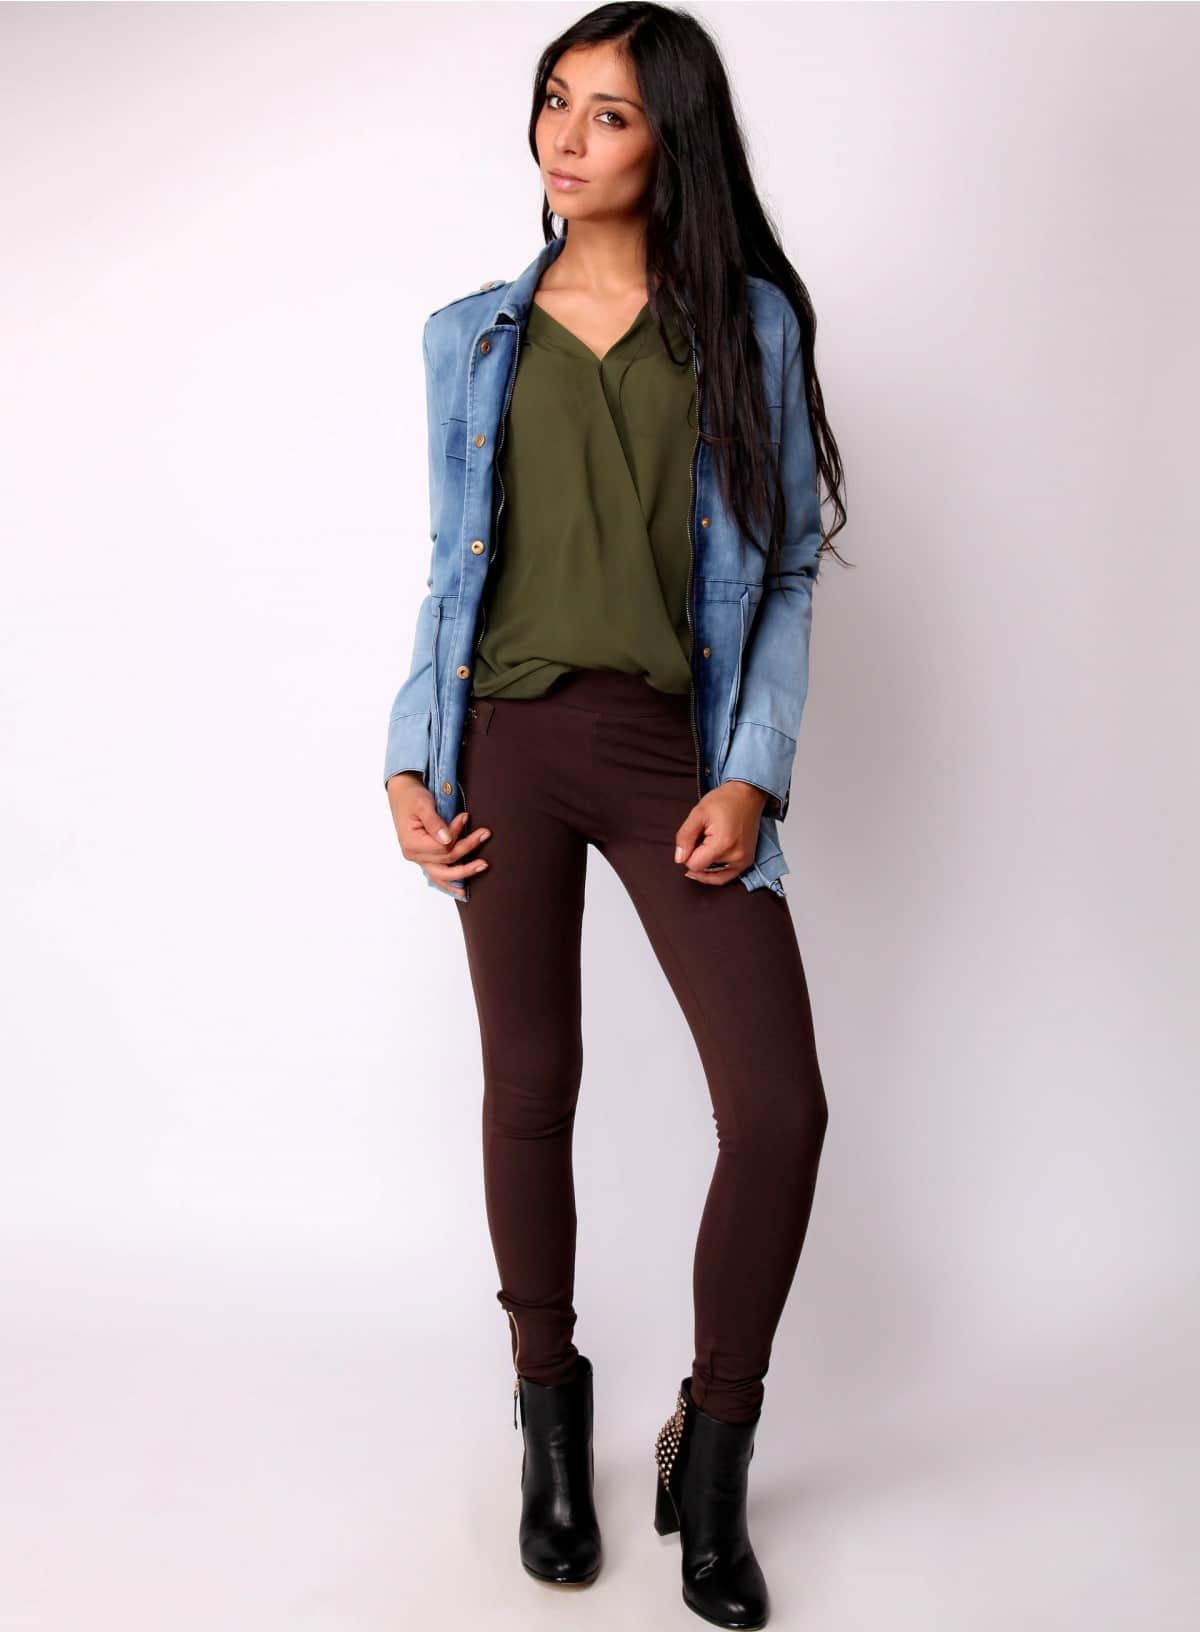 Les jeans femmes n'ont plus de secret pour moi